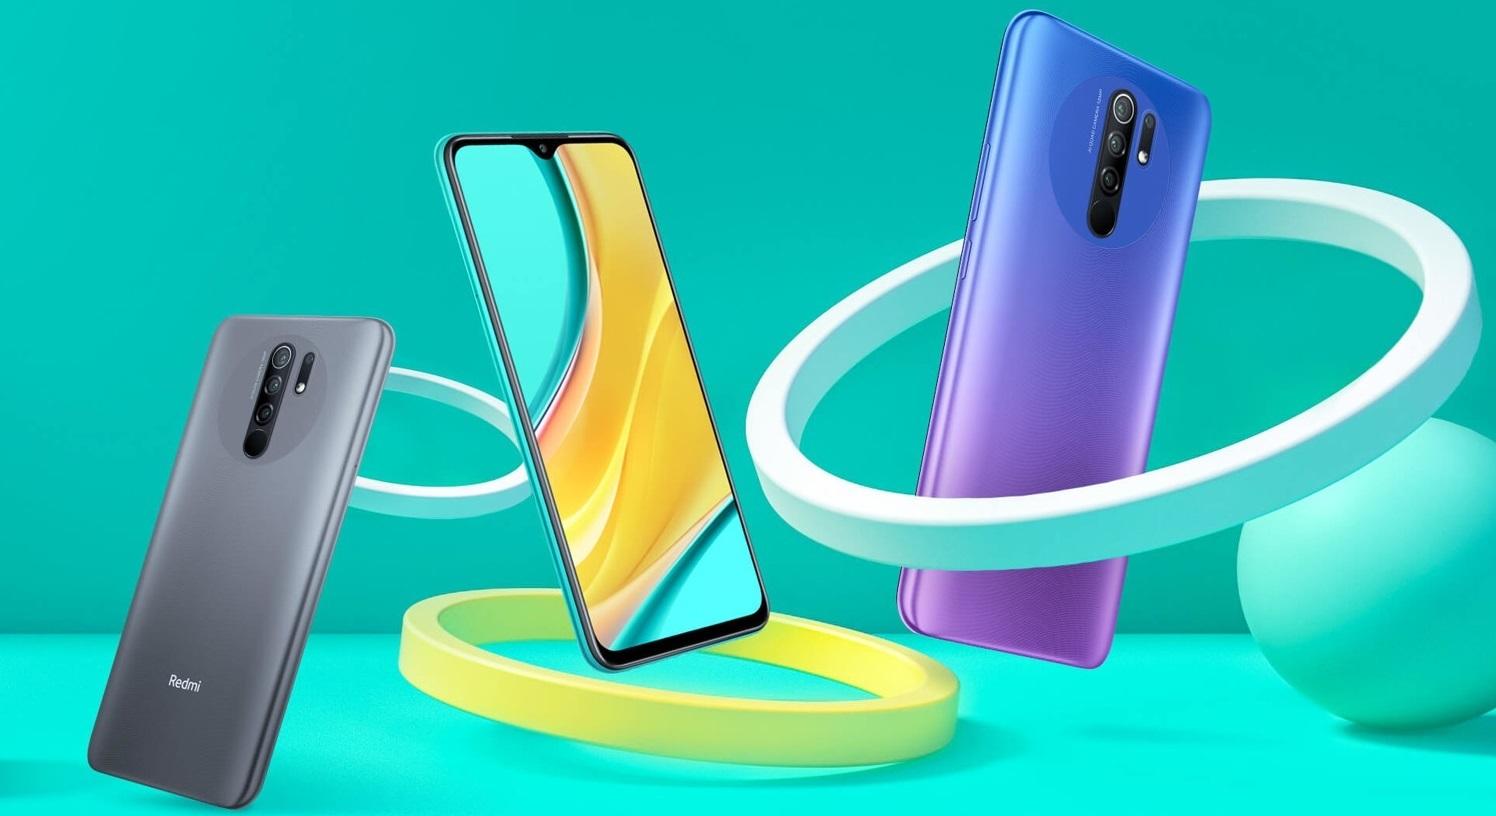 Презентация Xiaomi вРоссии: смартфон Redmi 9, MiSmart Band 5, роутеры, монитор иэлектросамокаты | Канобу - Изображение 7888